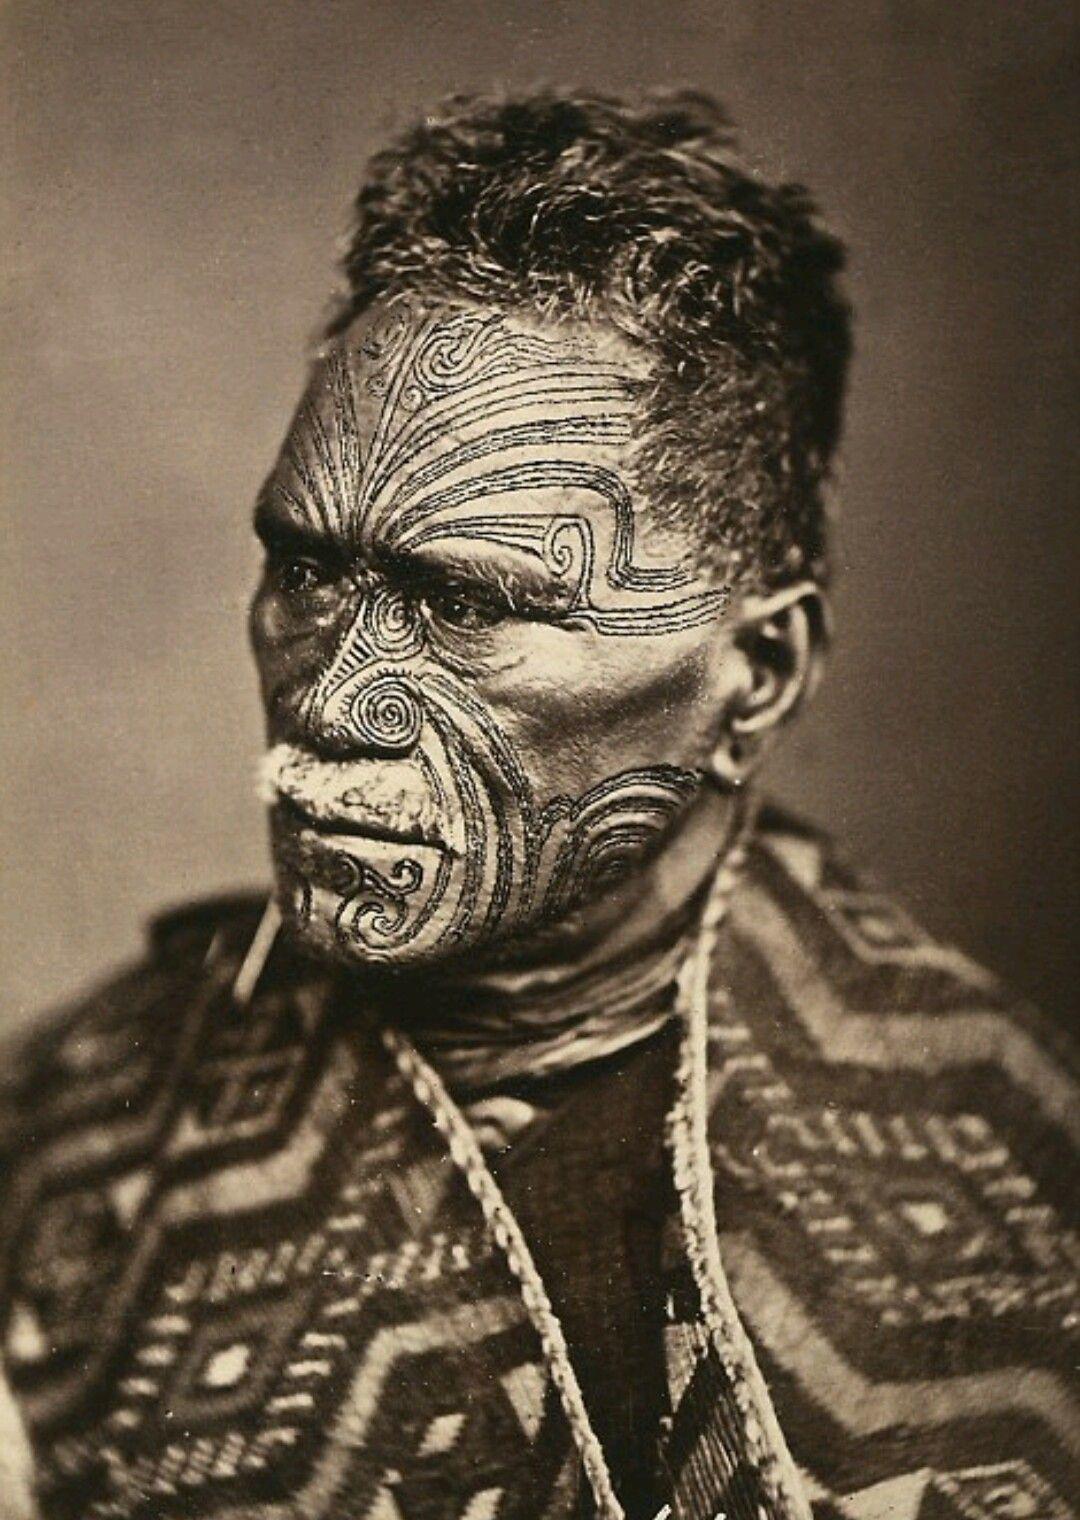 Maori Man Rostros Pinterest Rostros - Tribus-maories